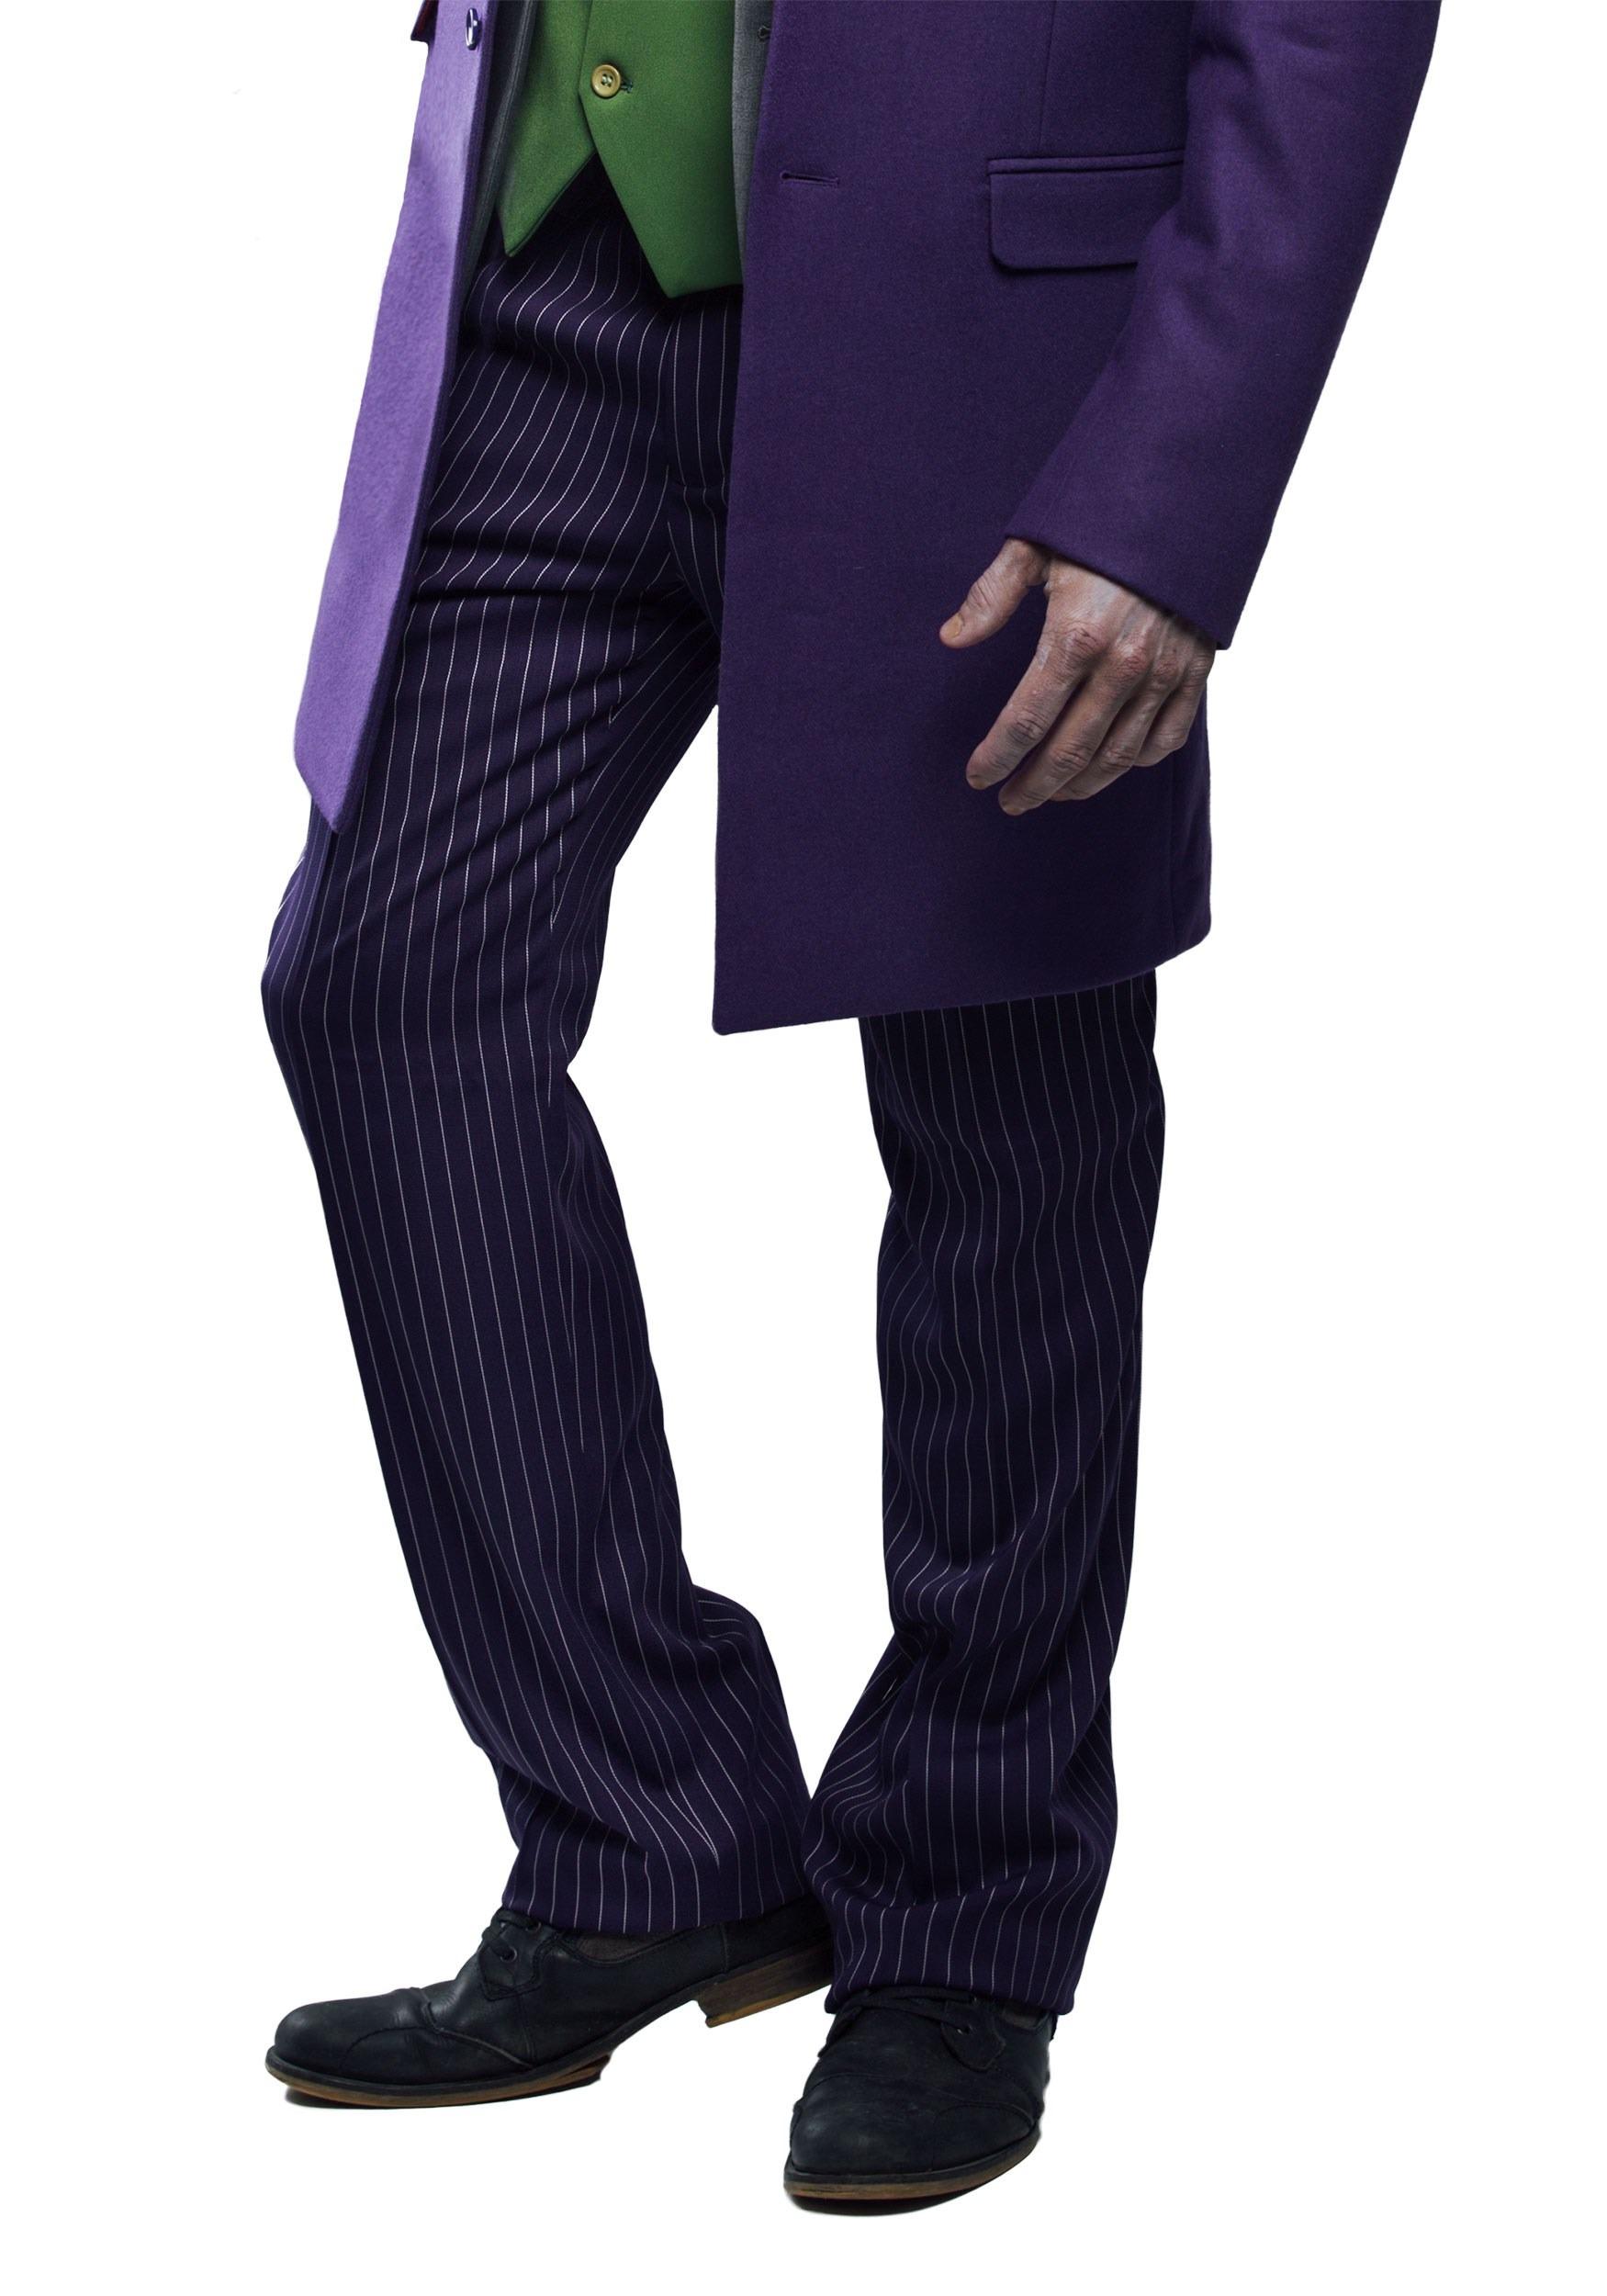 THE JOKER Slim Fit Suit Pants (Authentic) FUN9011P